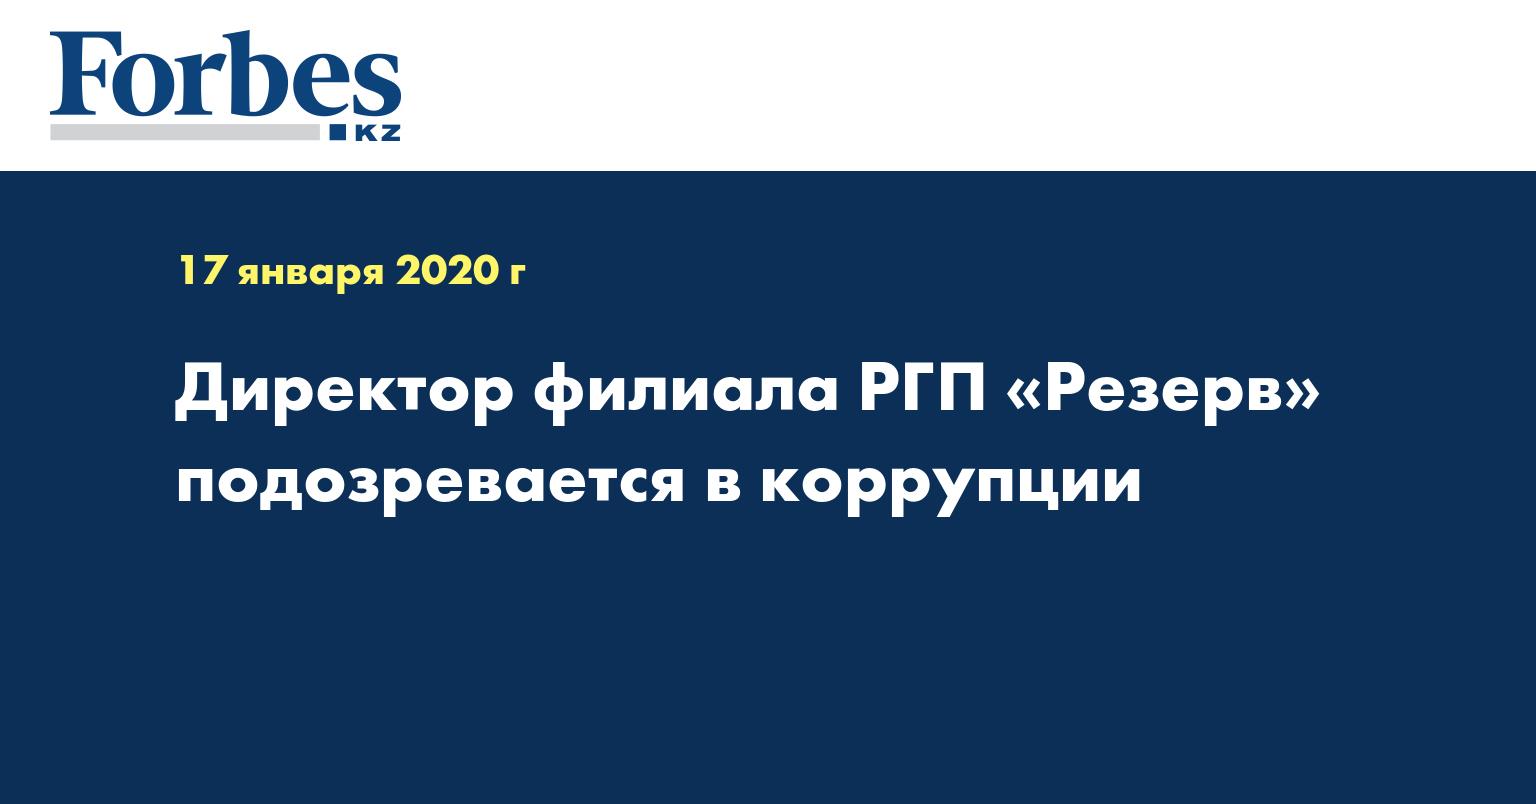 Директор филиала РГП «Резерв» подозревается в коррупции